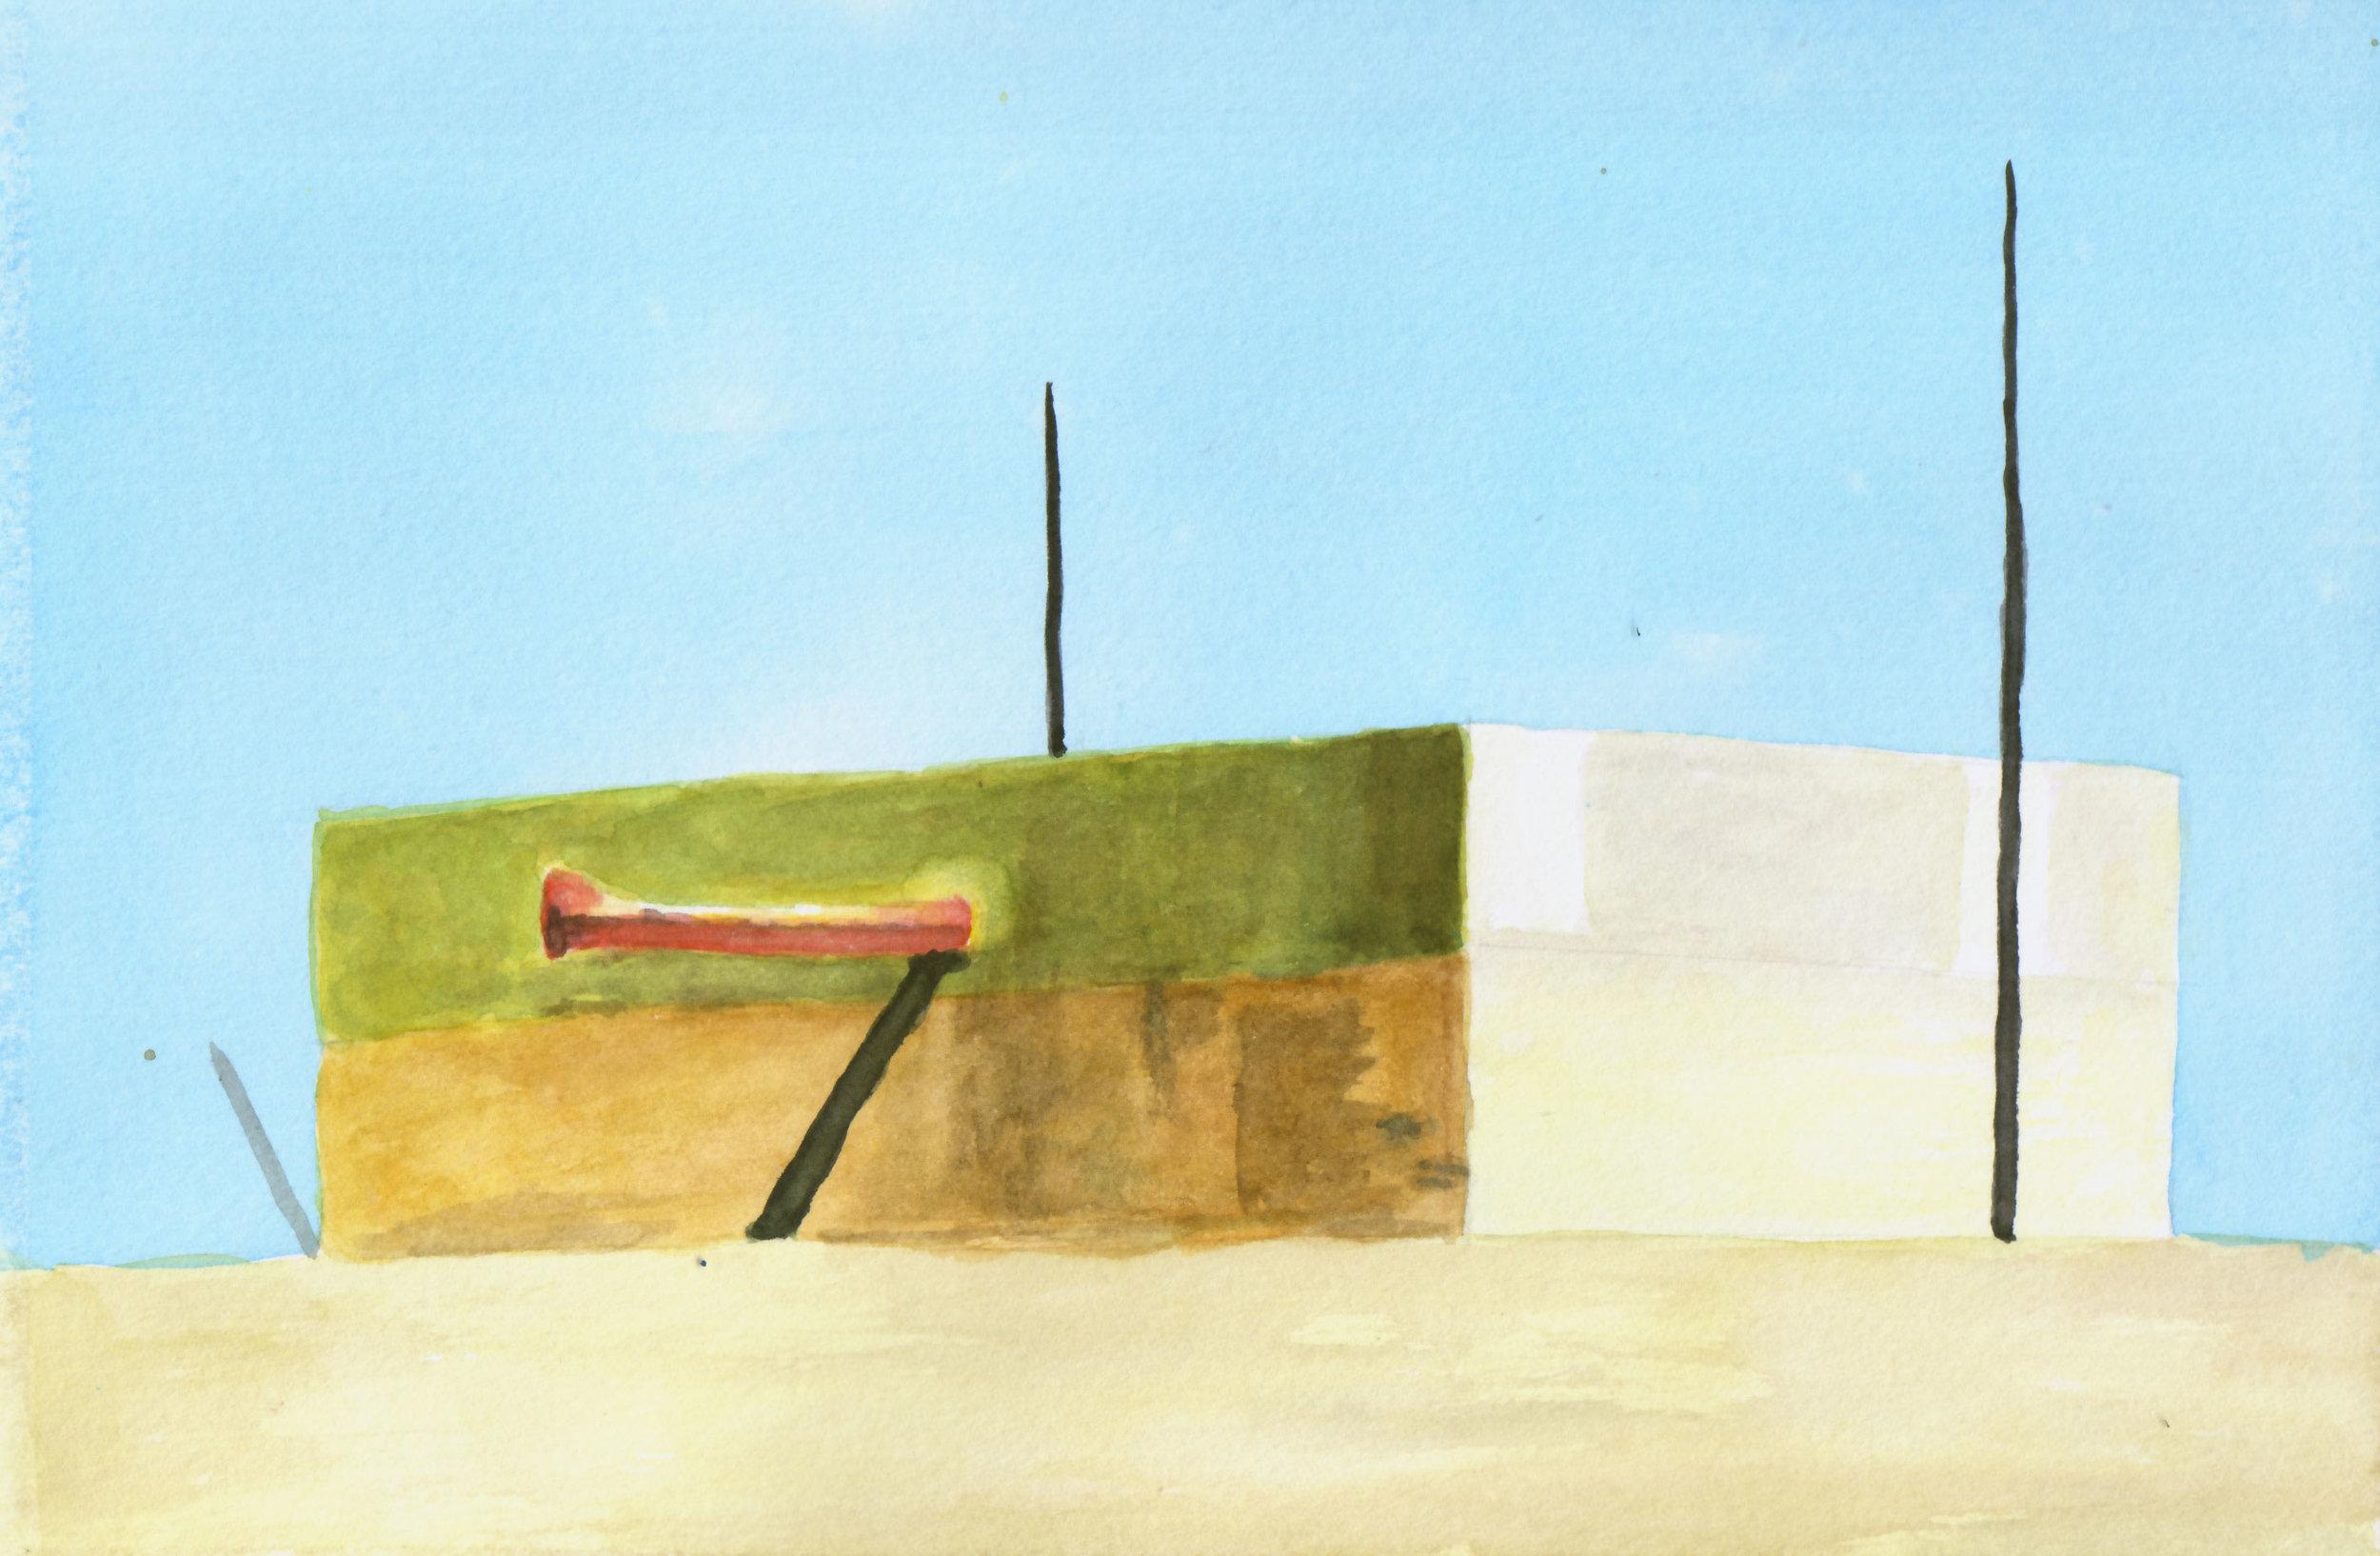 Bunker Buster 2